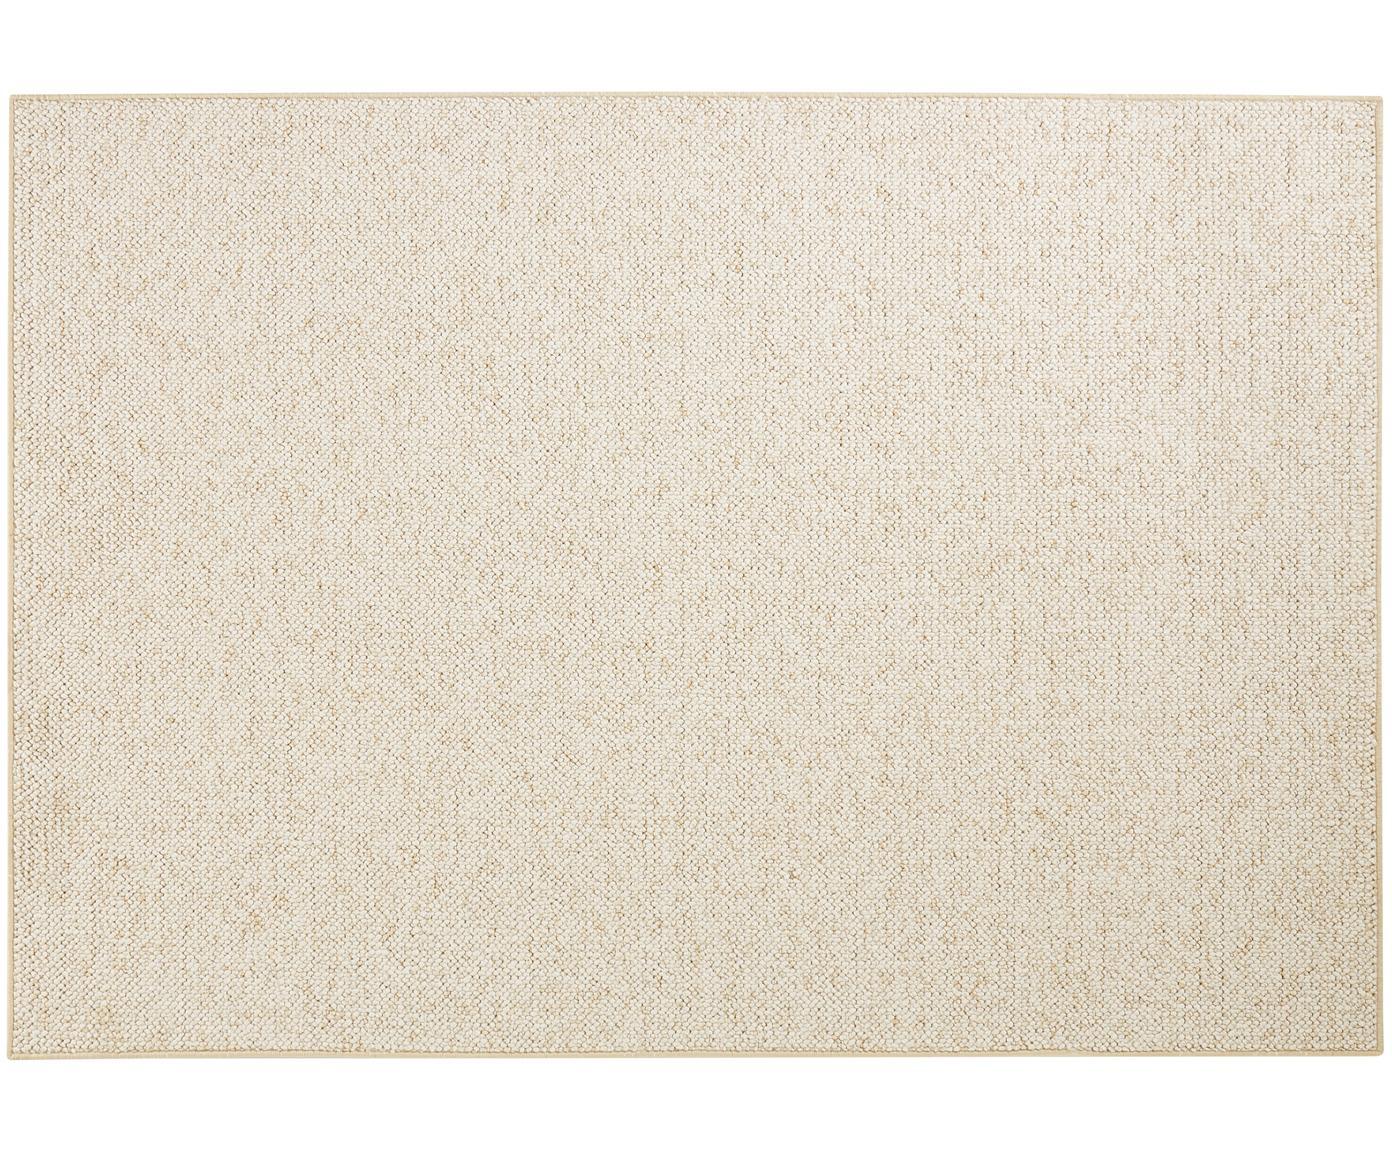 Tappeto rotondo Lyon, Crema, mescolato, Larg. 100 x Lung. 140 cm (taglia xs)